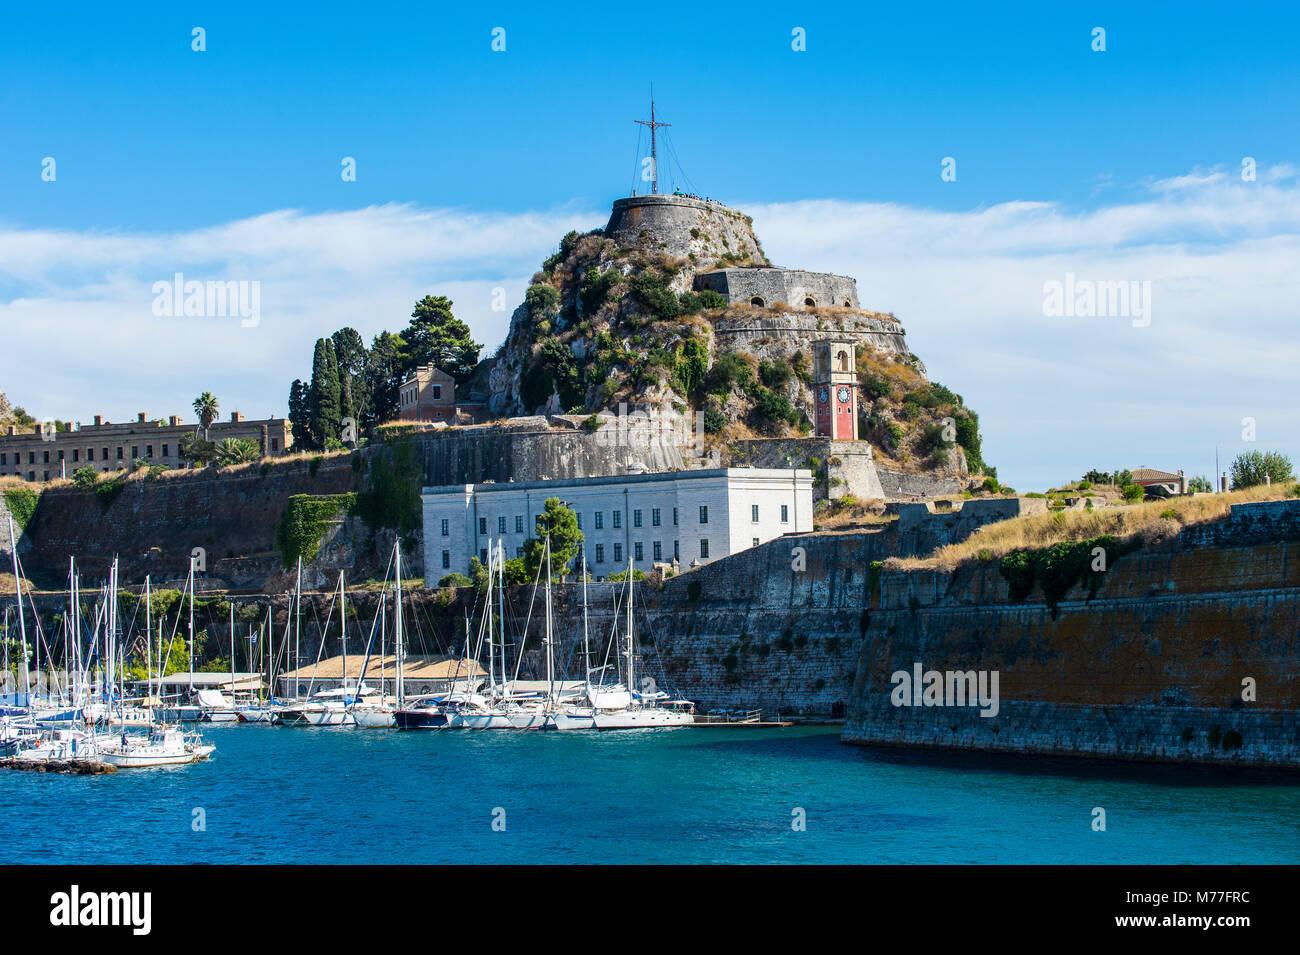 Old Fortress of Corfu town, Corfu, Ionian Islands, Greek Islands, Greece, Europe - Stock Image